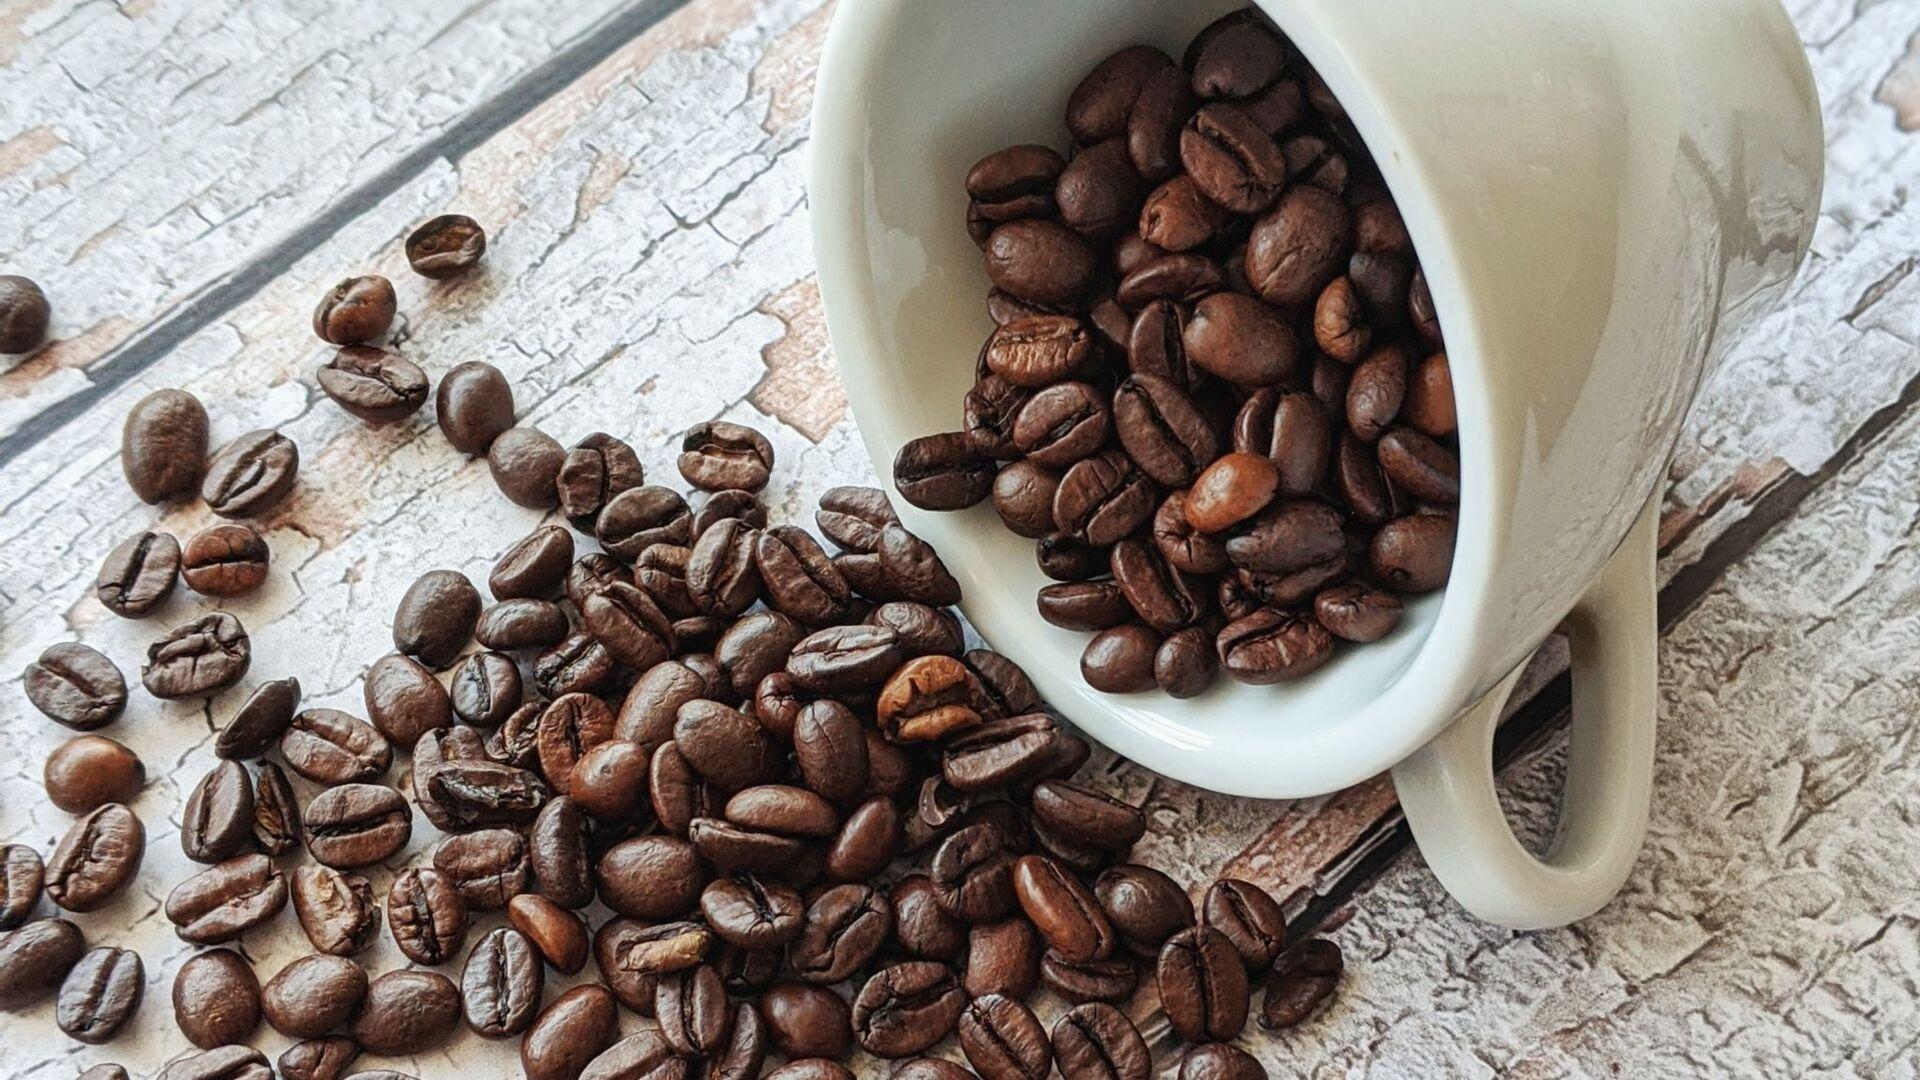 Granos de café - Sputnik Mundo, 1920, 07.10.2020